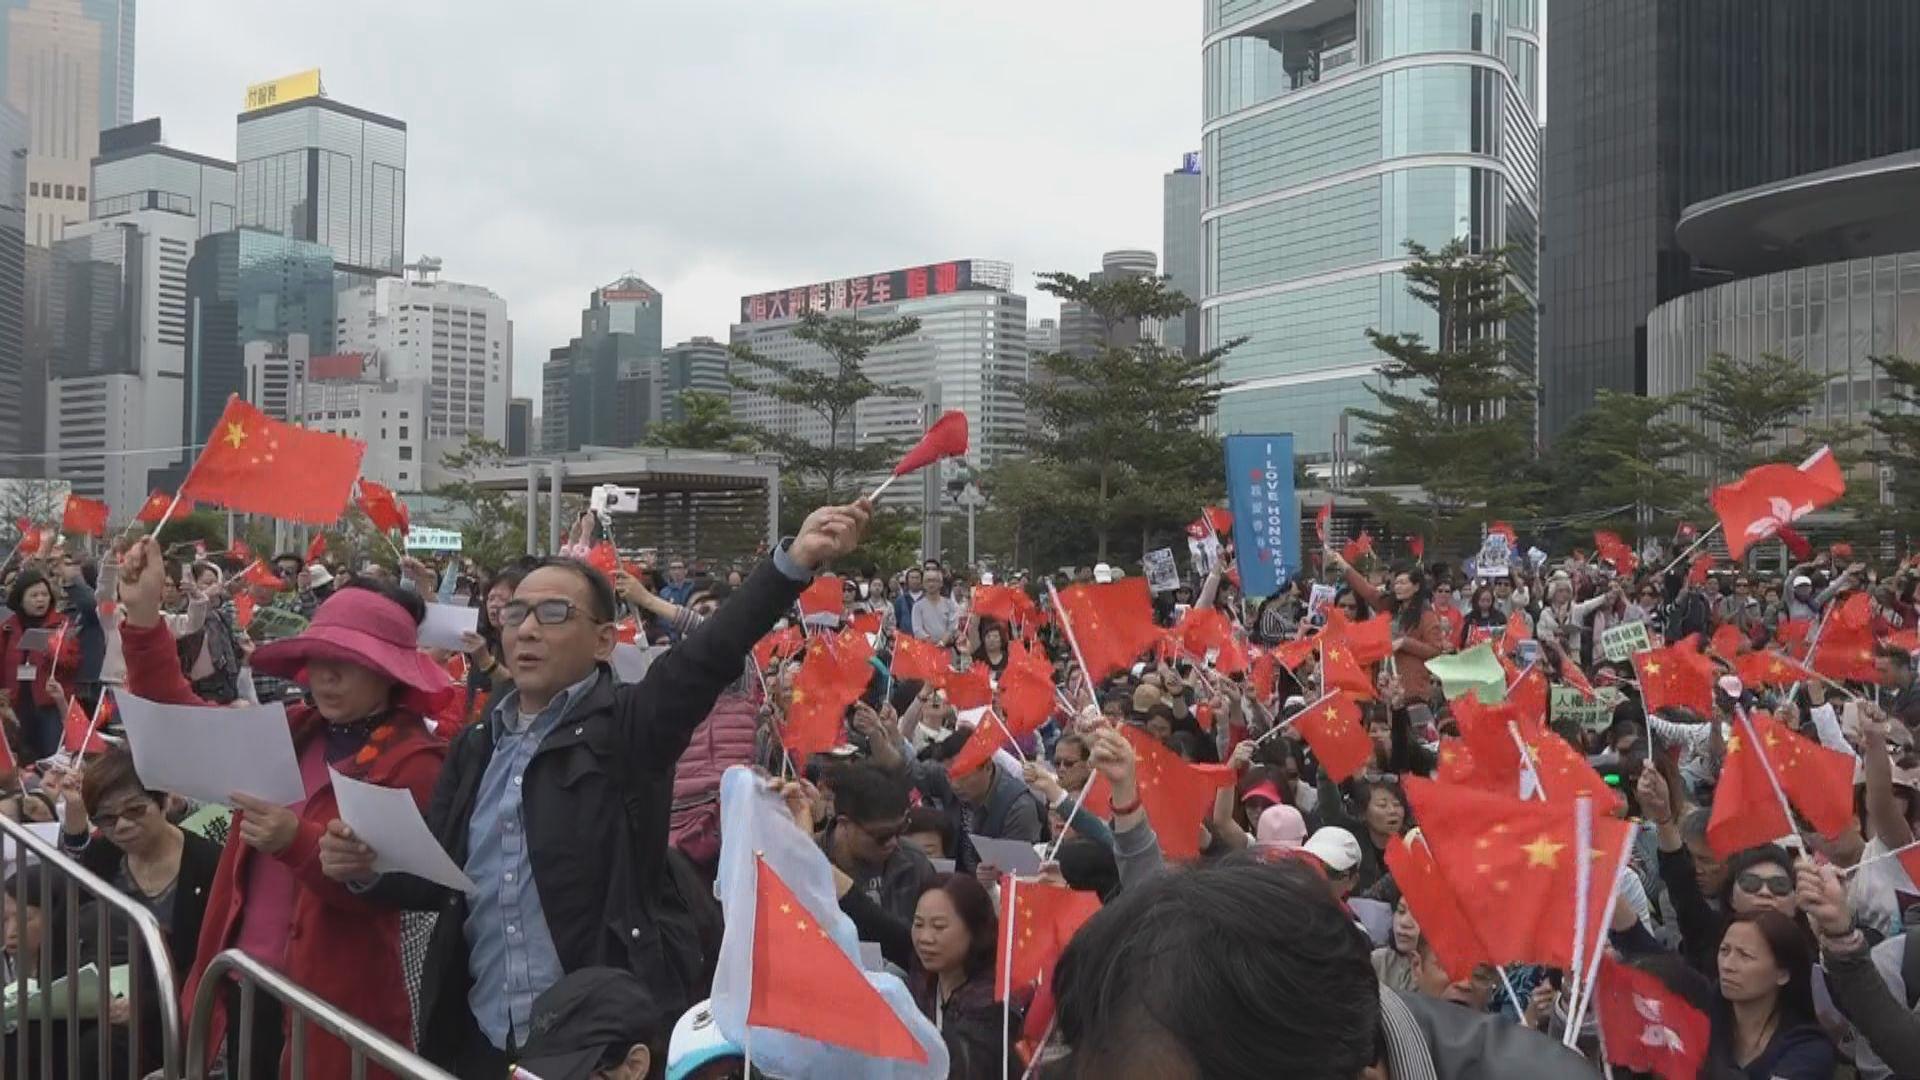 添馬公園控訴暴力集會 大會稱過萬人參加